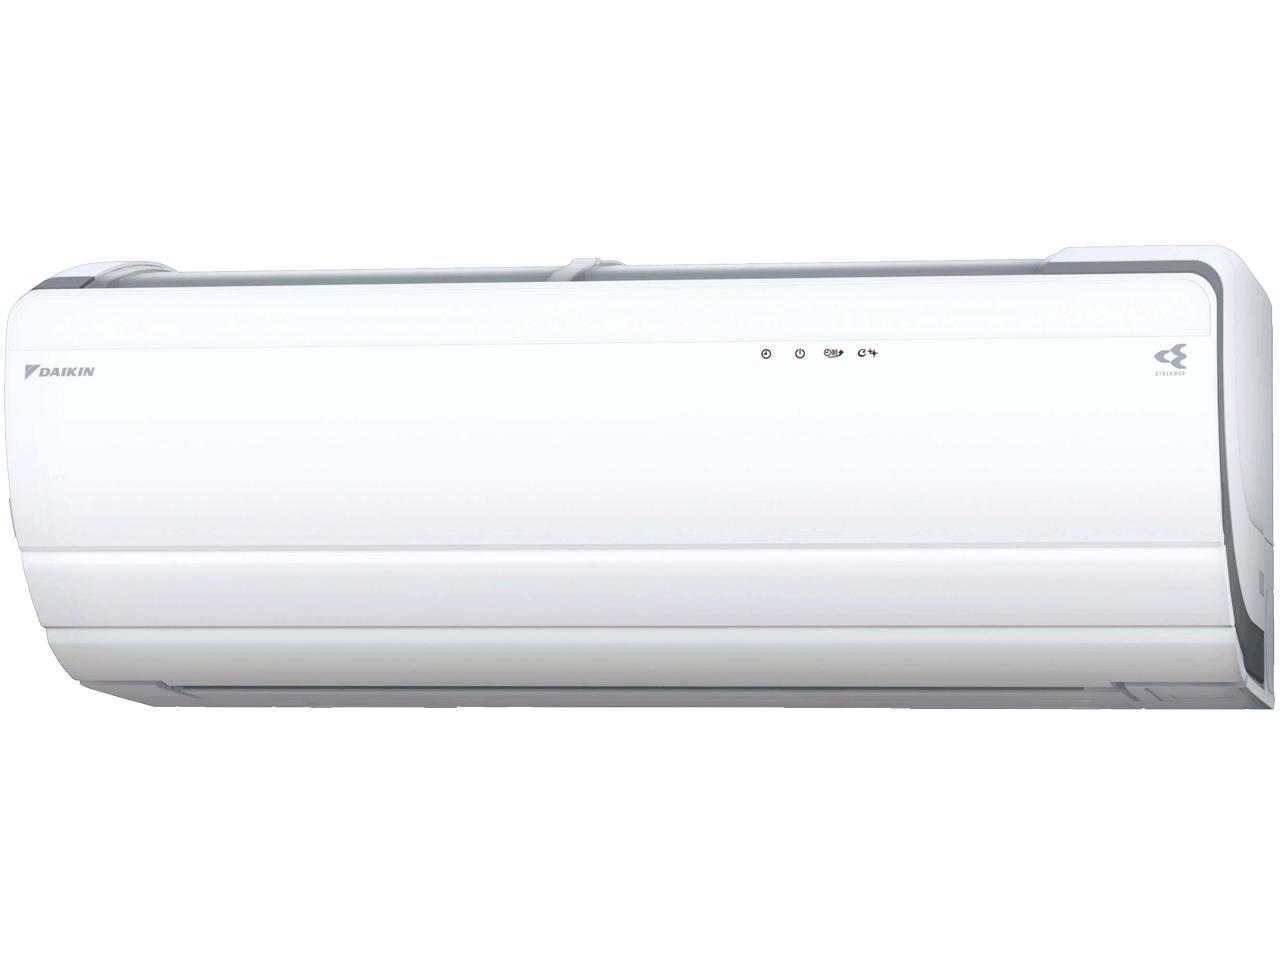 うるさら7 S36STRXS-W [ホワイト] の製品画像